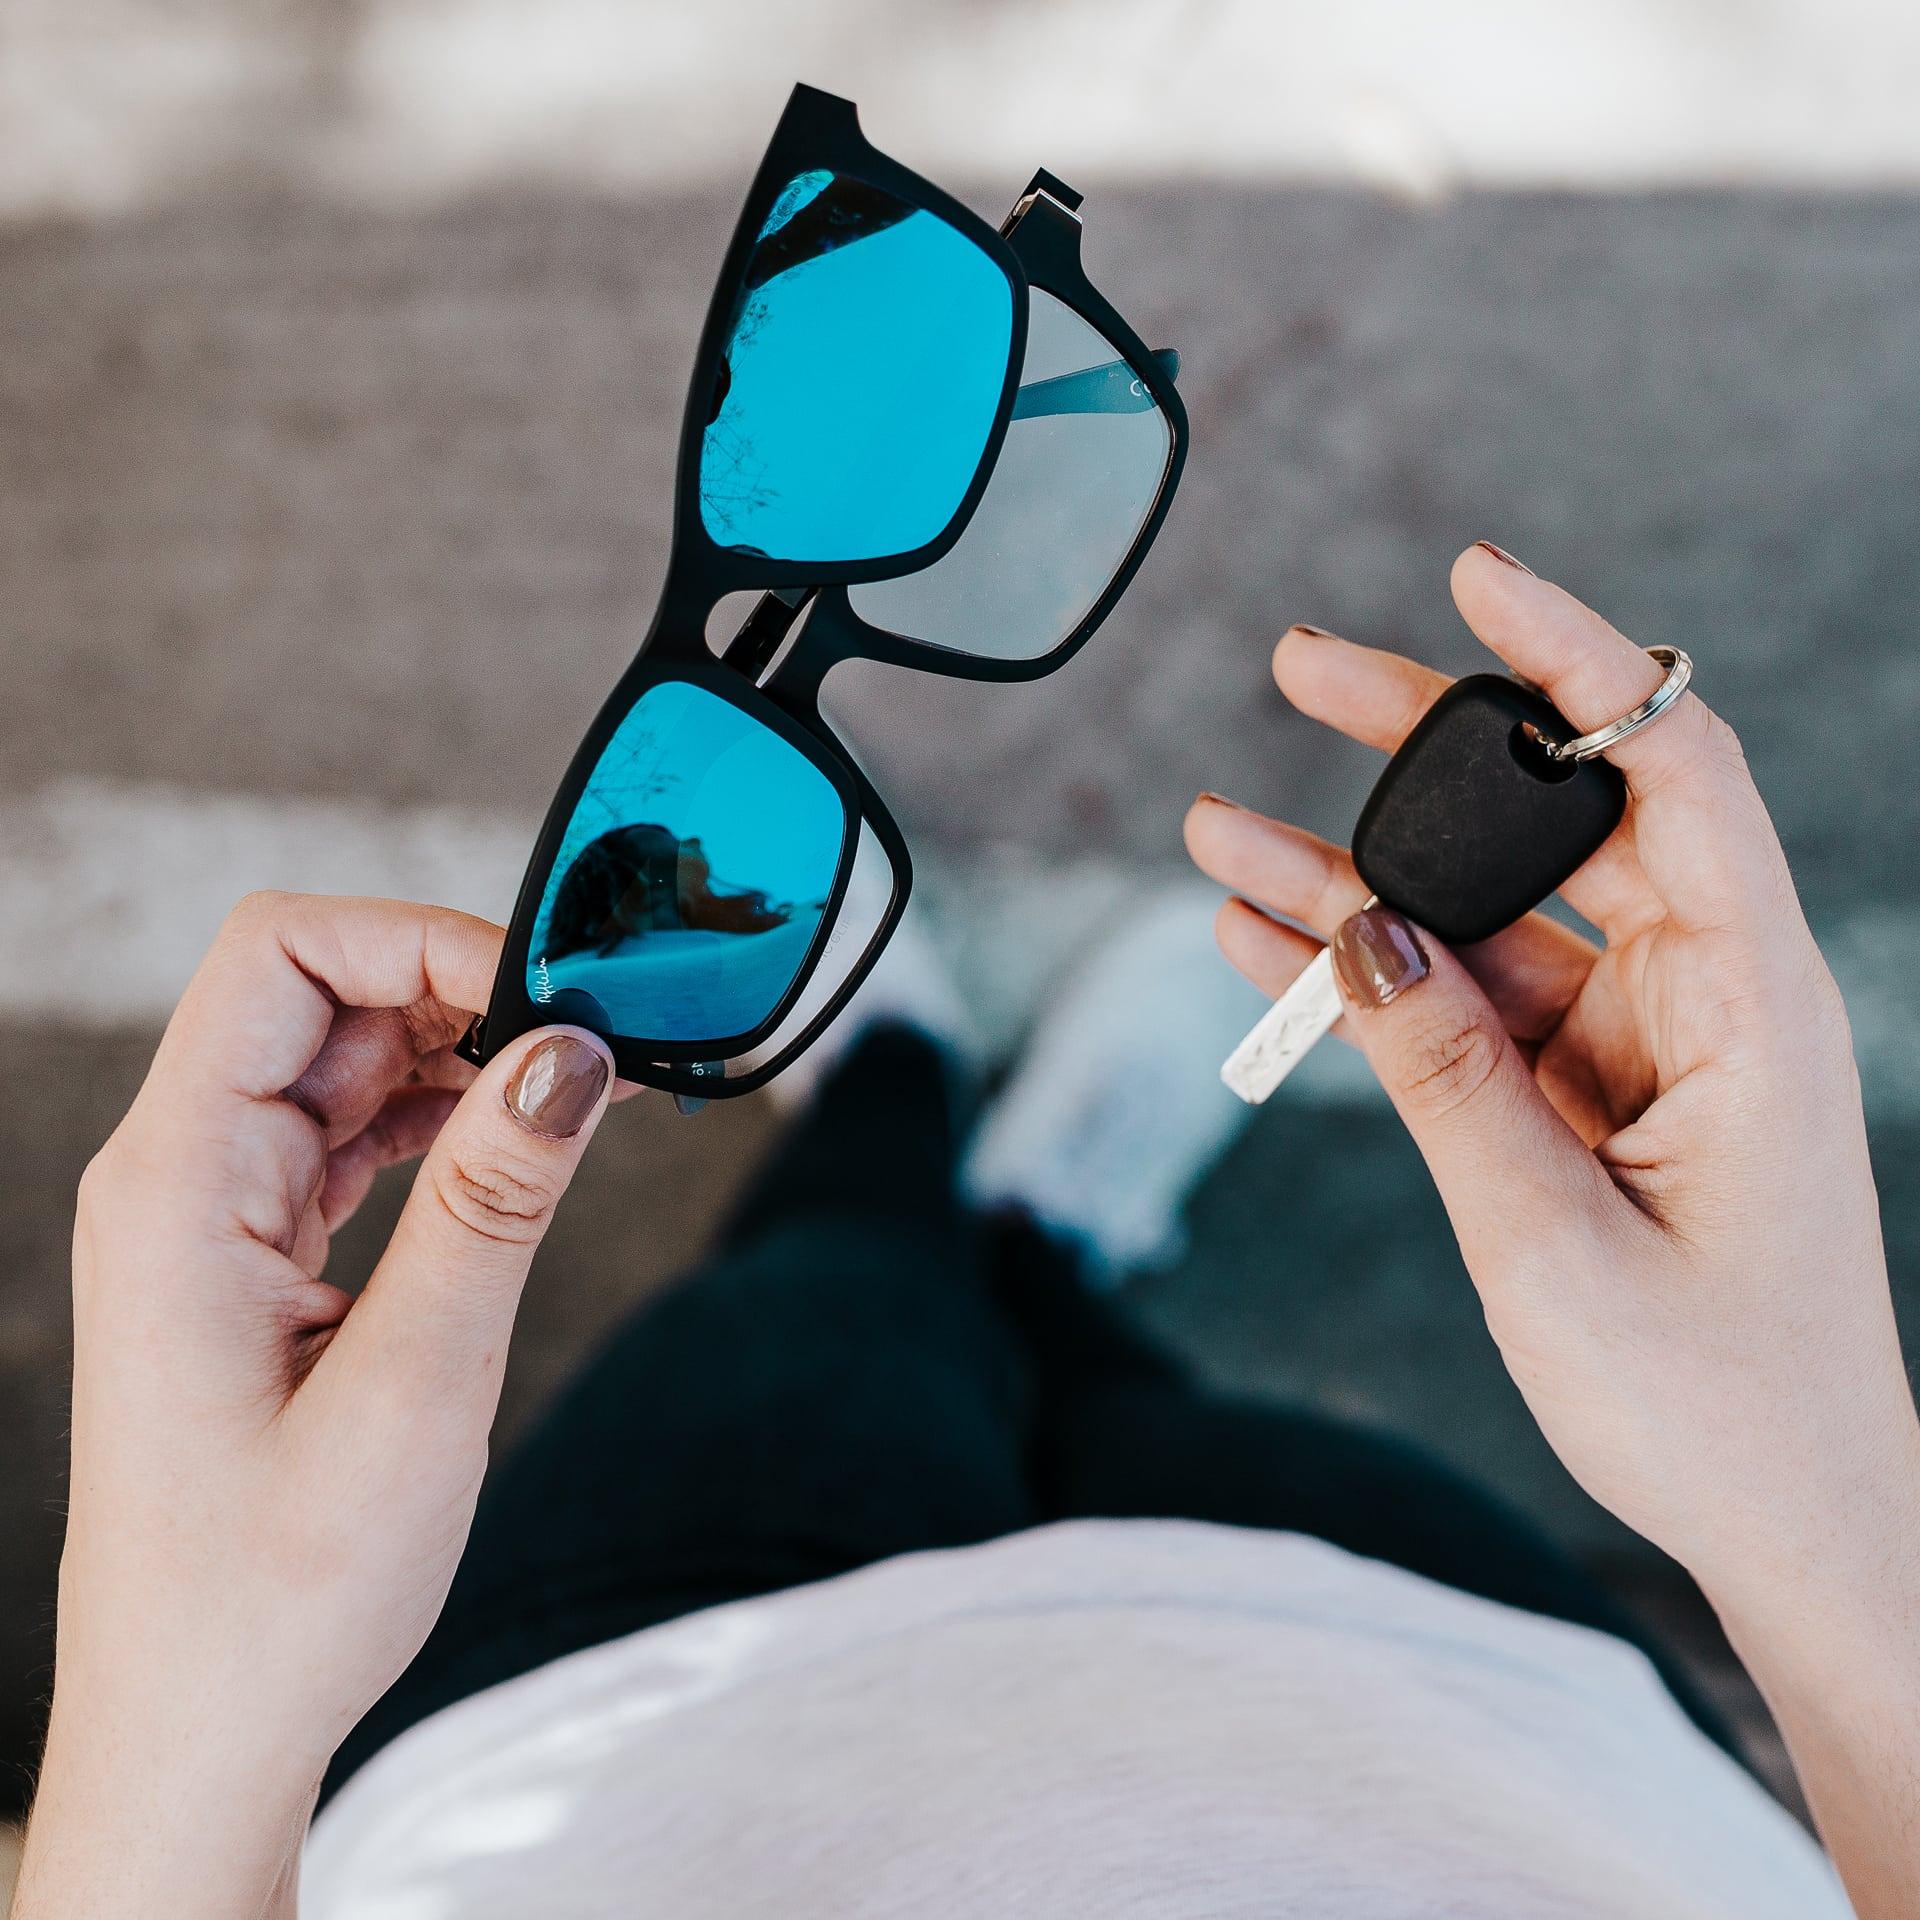 708adb60de De este modo, sobre las gafas normales, podrás ir colocando cada uno de los  clips que tendrás contigo, según cual sea tu necesidad puntual.